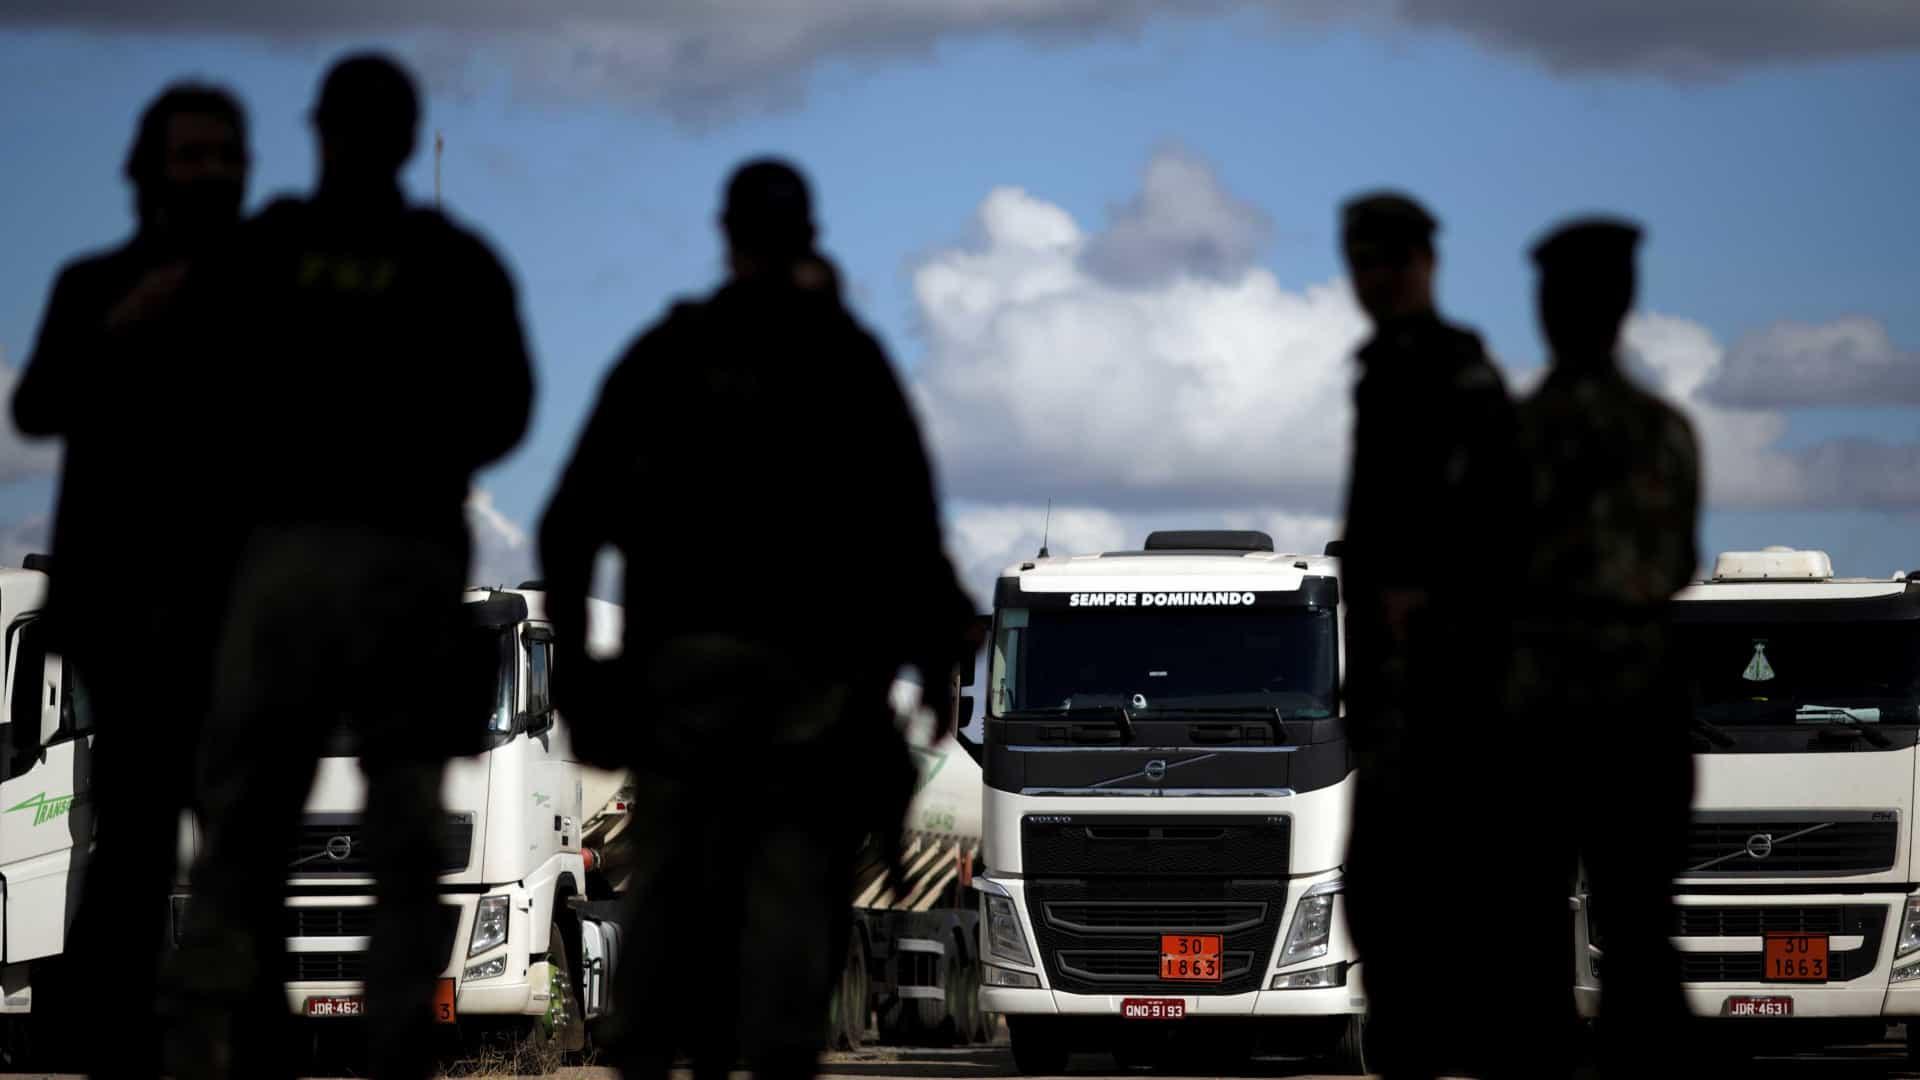 naom 5b0daf0d70150 - Greve dos caminhoneiros tem baixa adesão e poucos problemas nas rodovias até o início da tarde